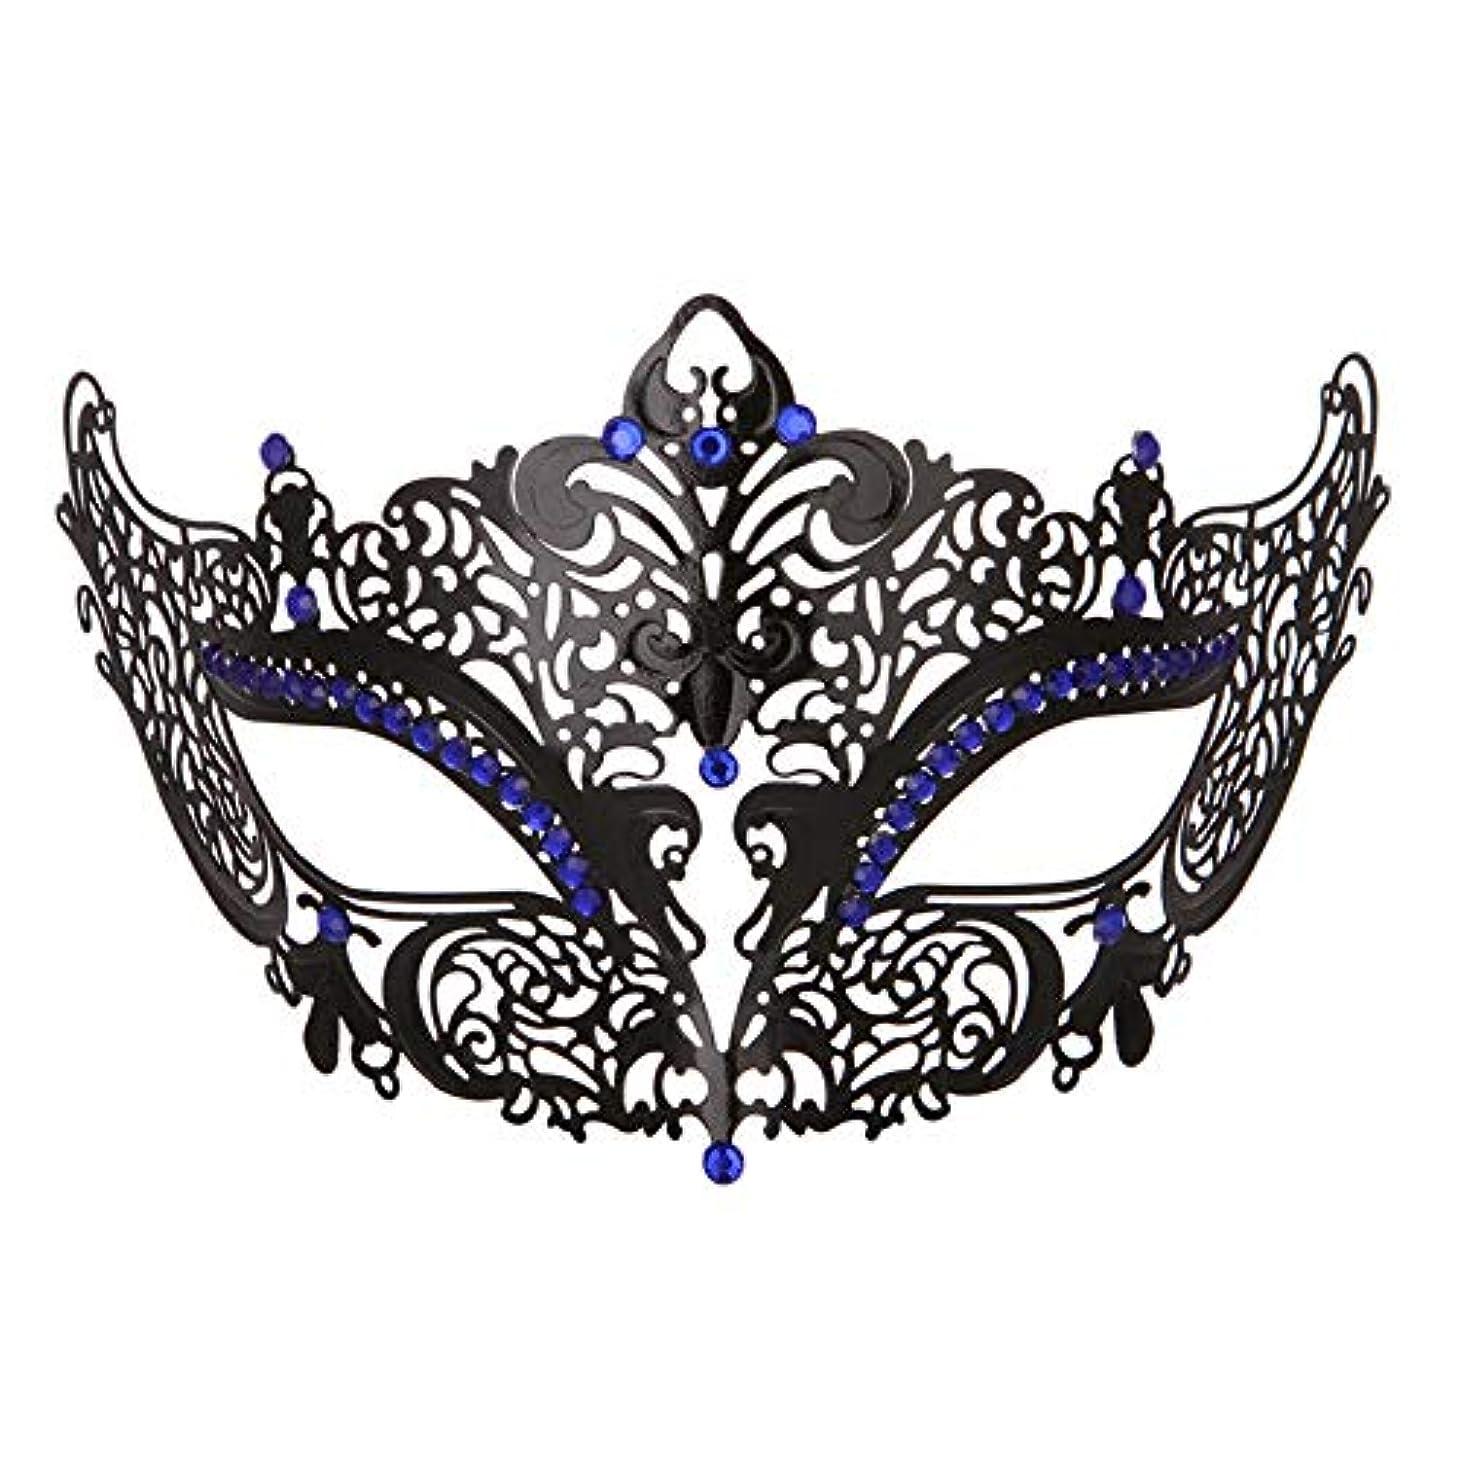 下向き主婦シンプルさダンスマスク 高級金属鉄マスク女性美少女中空ハーフフェイスファッションナイトクラブパーティー仮面舞踏会マスク ホリデーパーティー用品 (色 : 青, サイズ : 19x8cm)